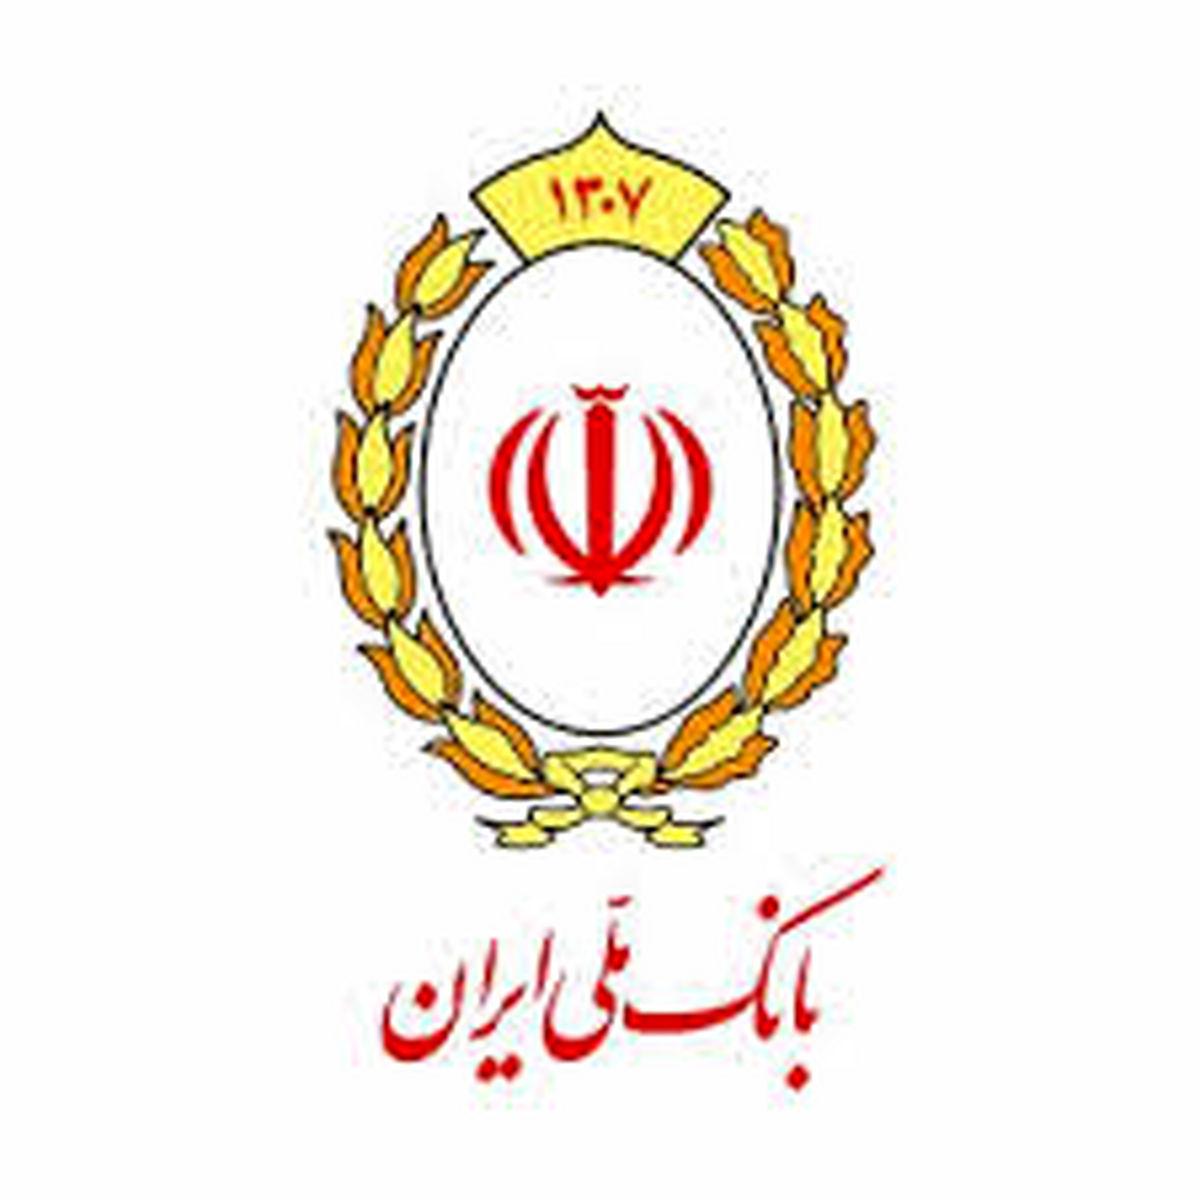 یک تیر دو نشان بانک ملی ایران